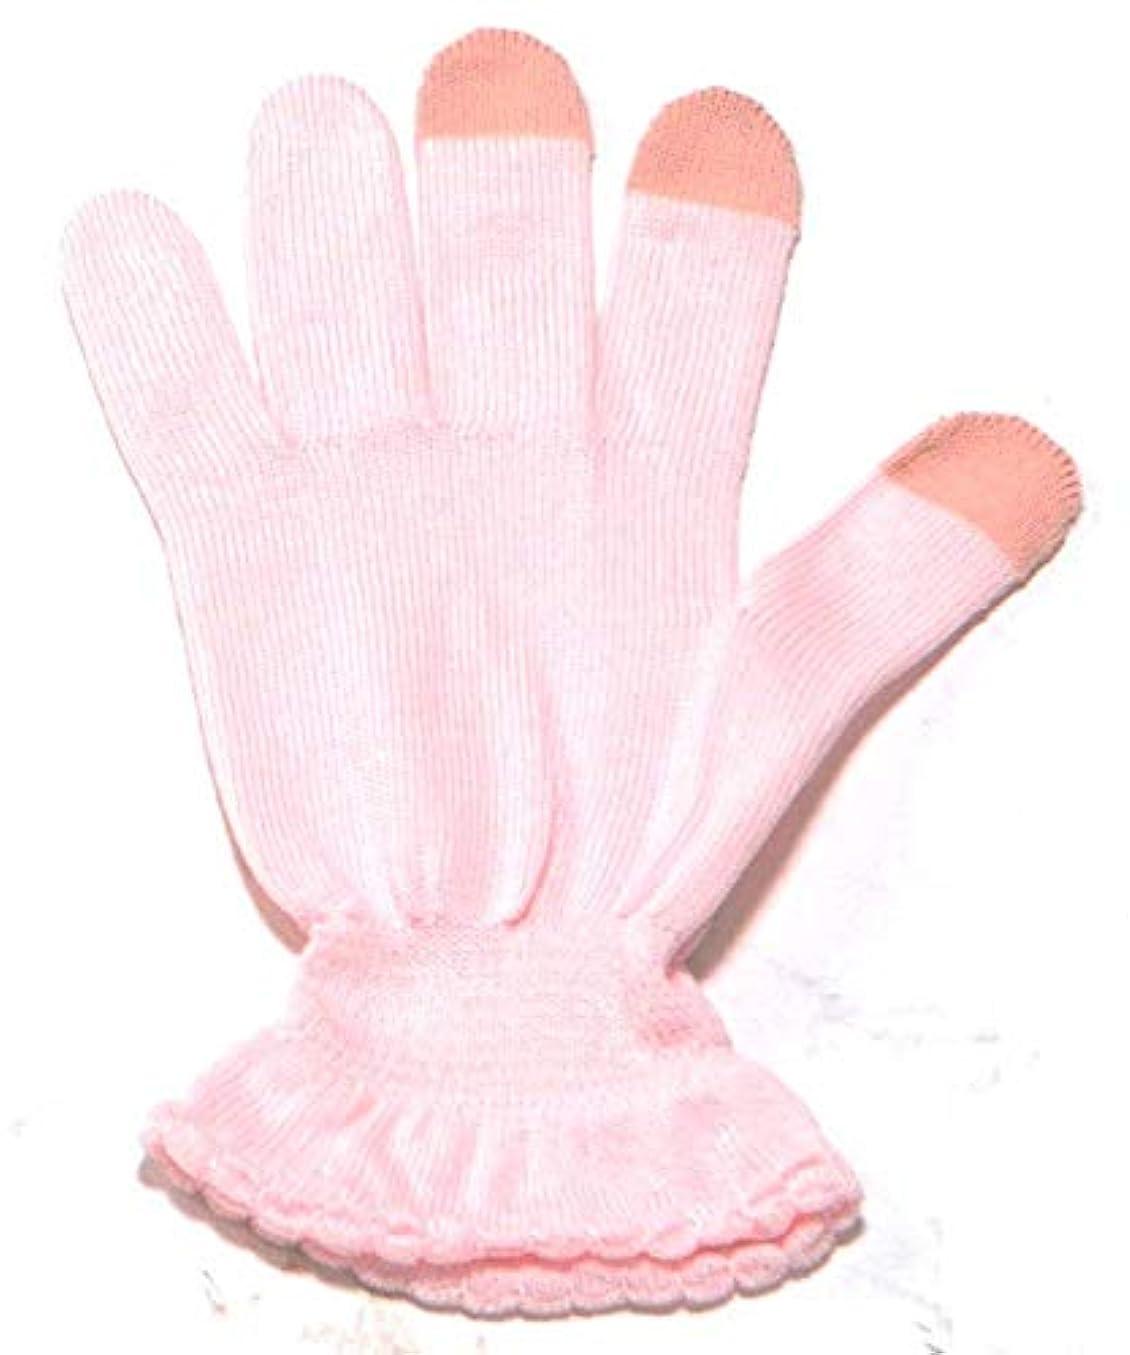 オートマトン差し迫った時代遅れイチーナ【ハンドケア手袋タッチあり】スマホ対応 天然保湿効果配合繊維 (ピンク, S~M(17~20㎝))